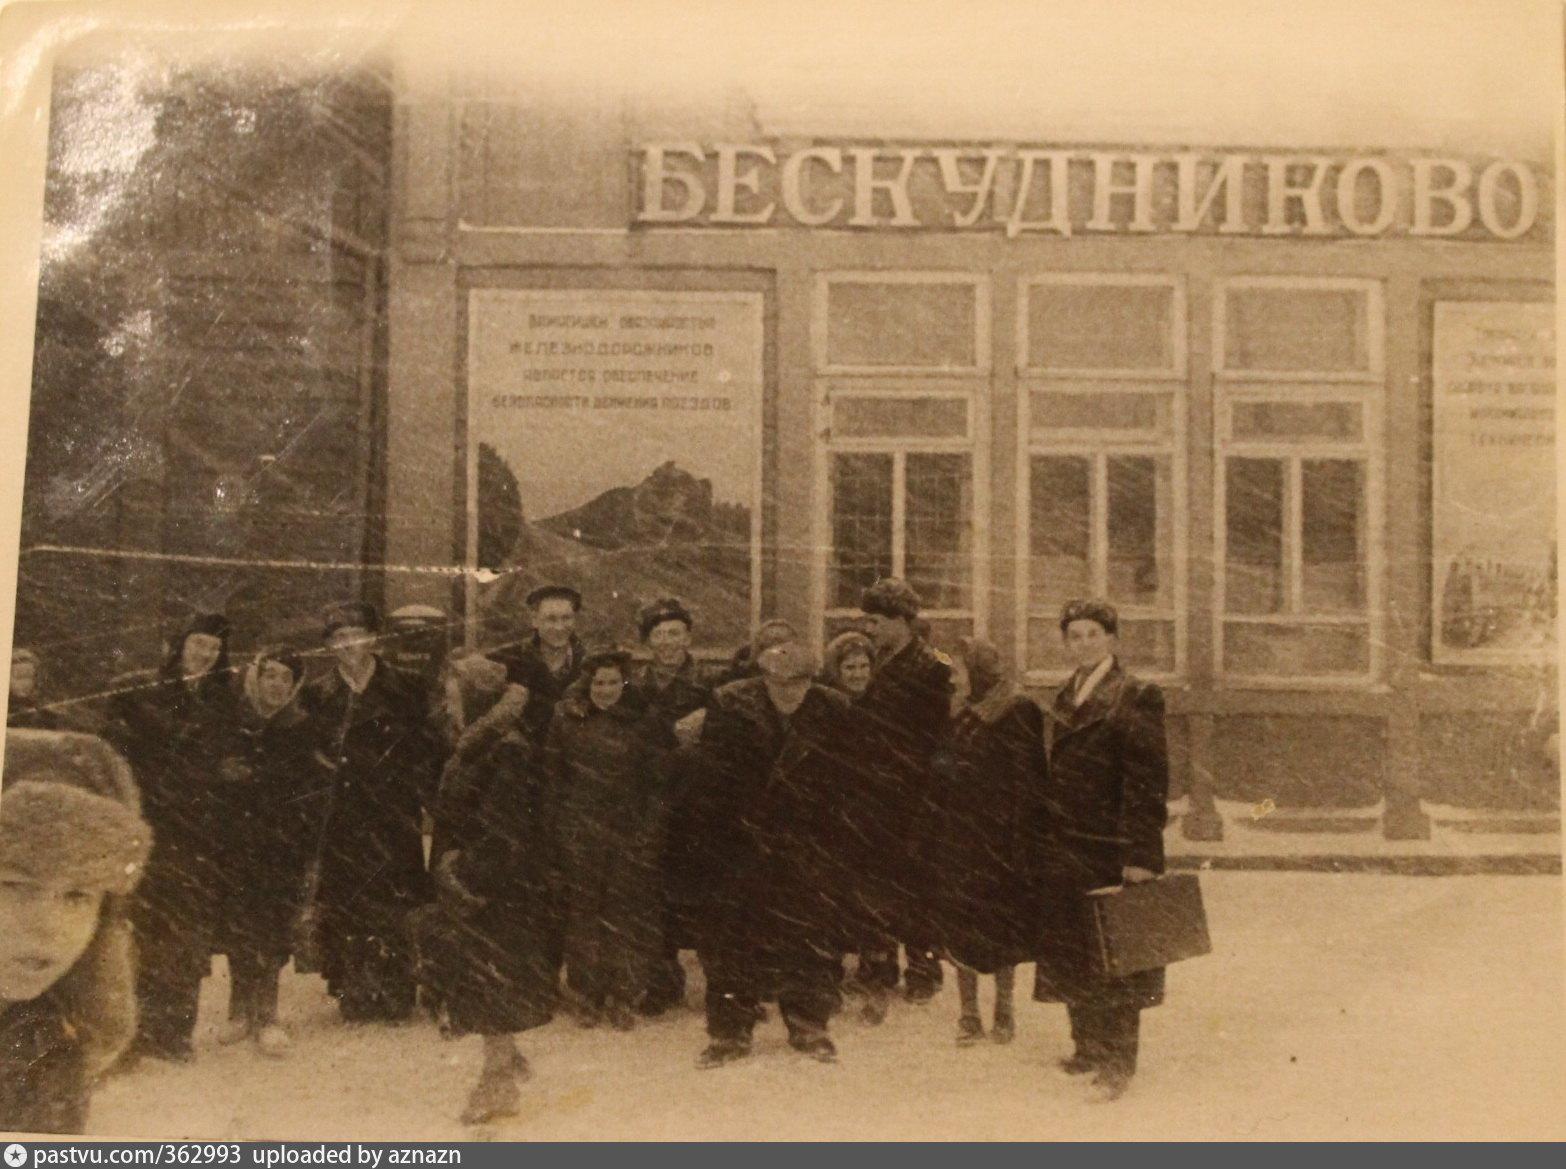 бескудниково 1950-55.jpg